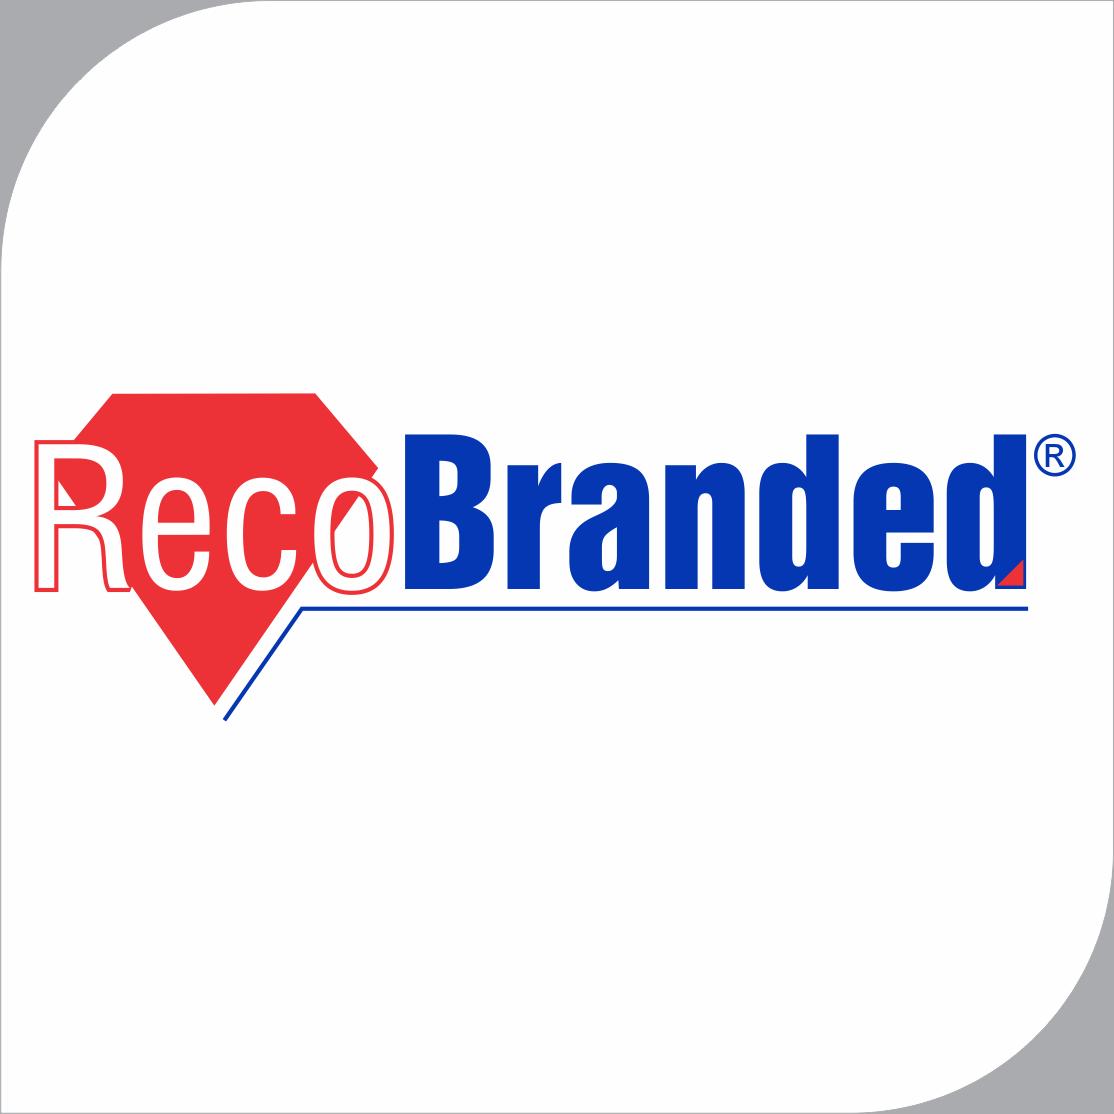 My logo recobranded